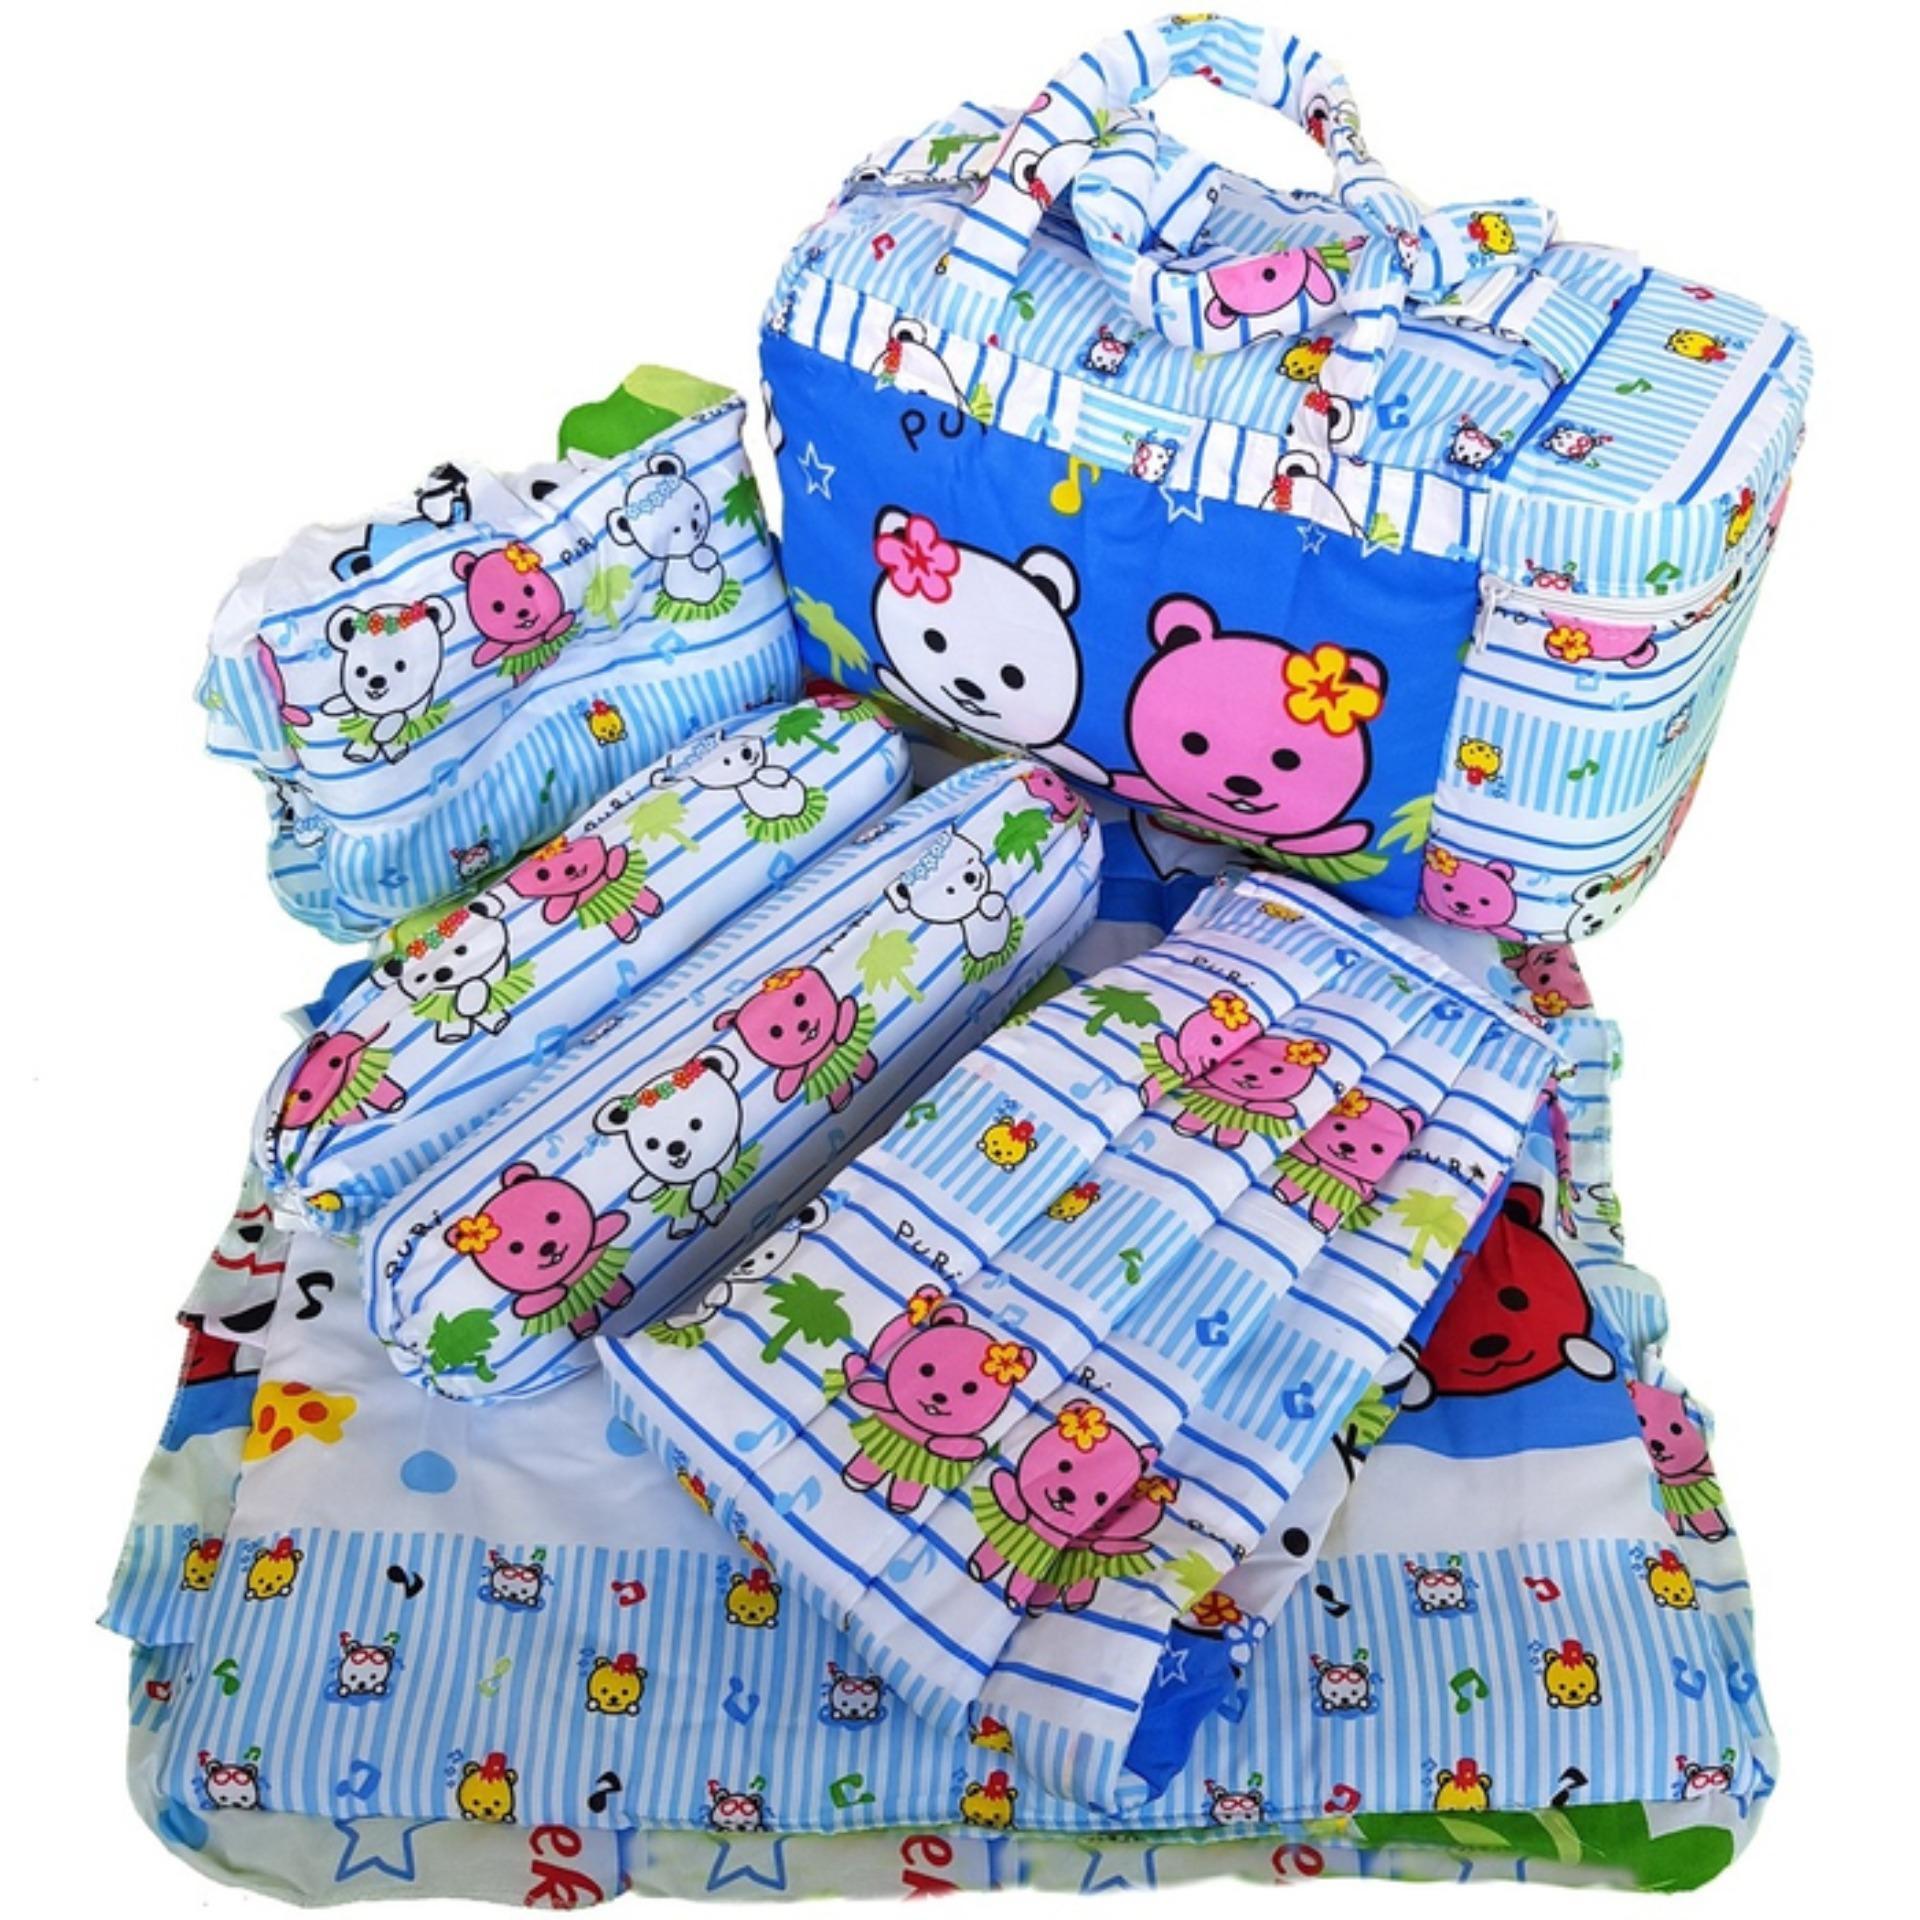 Tas Bantal Guling Gendongan Alas Tidur Perlak Bayi Set 4 in 1 Merek Chekiddo